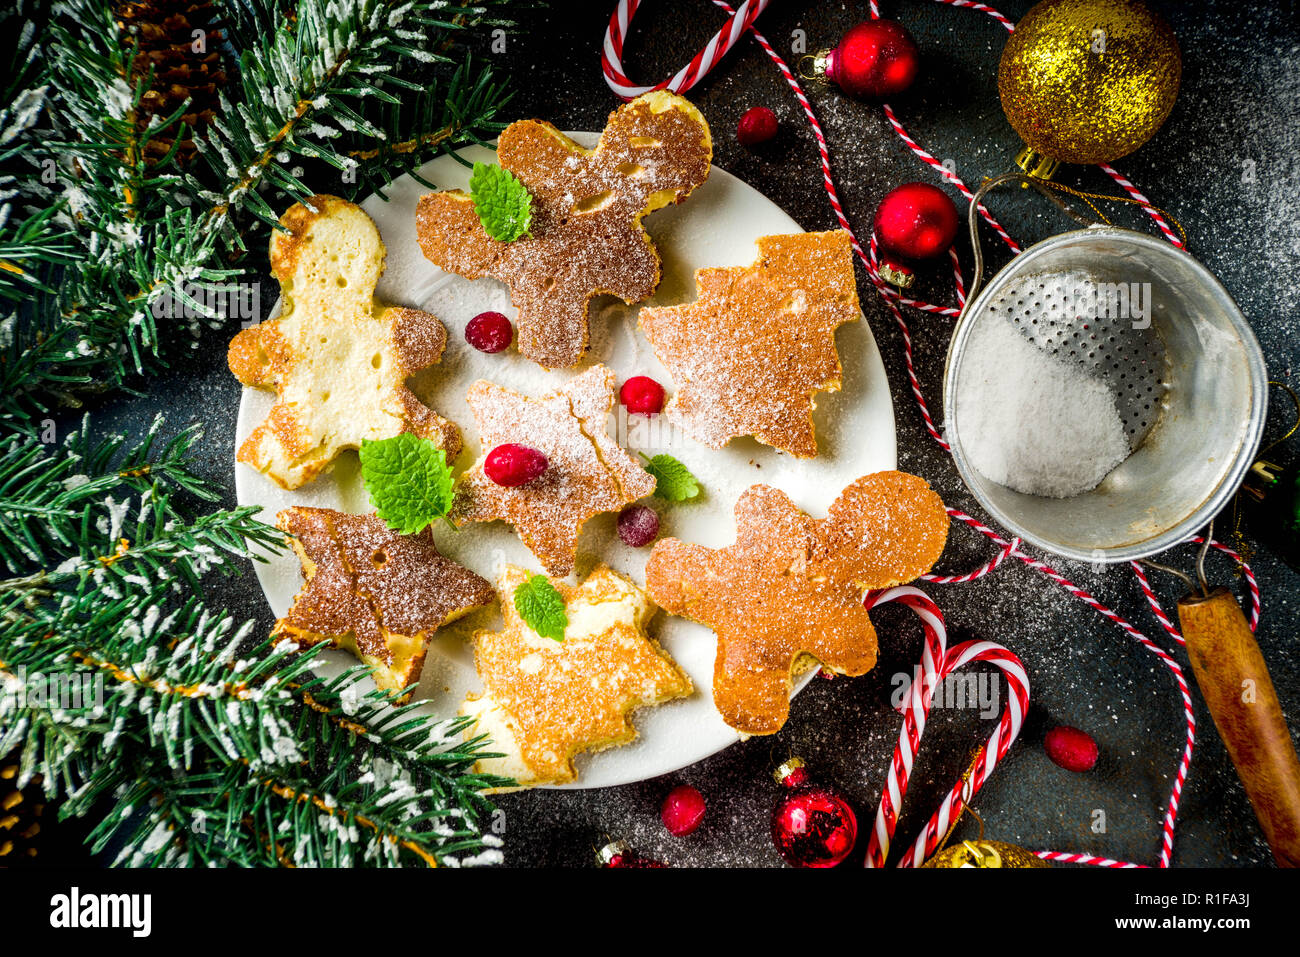 Kreative Idee Für Weihnachten Frühstück, Lustige